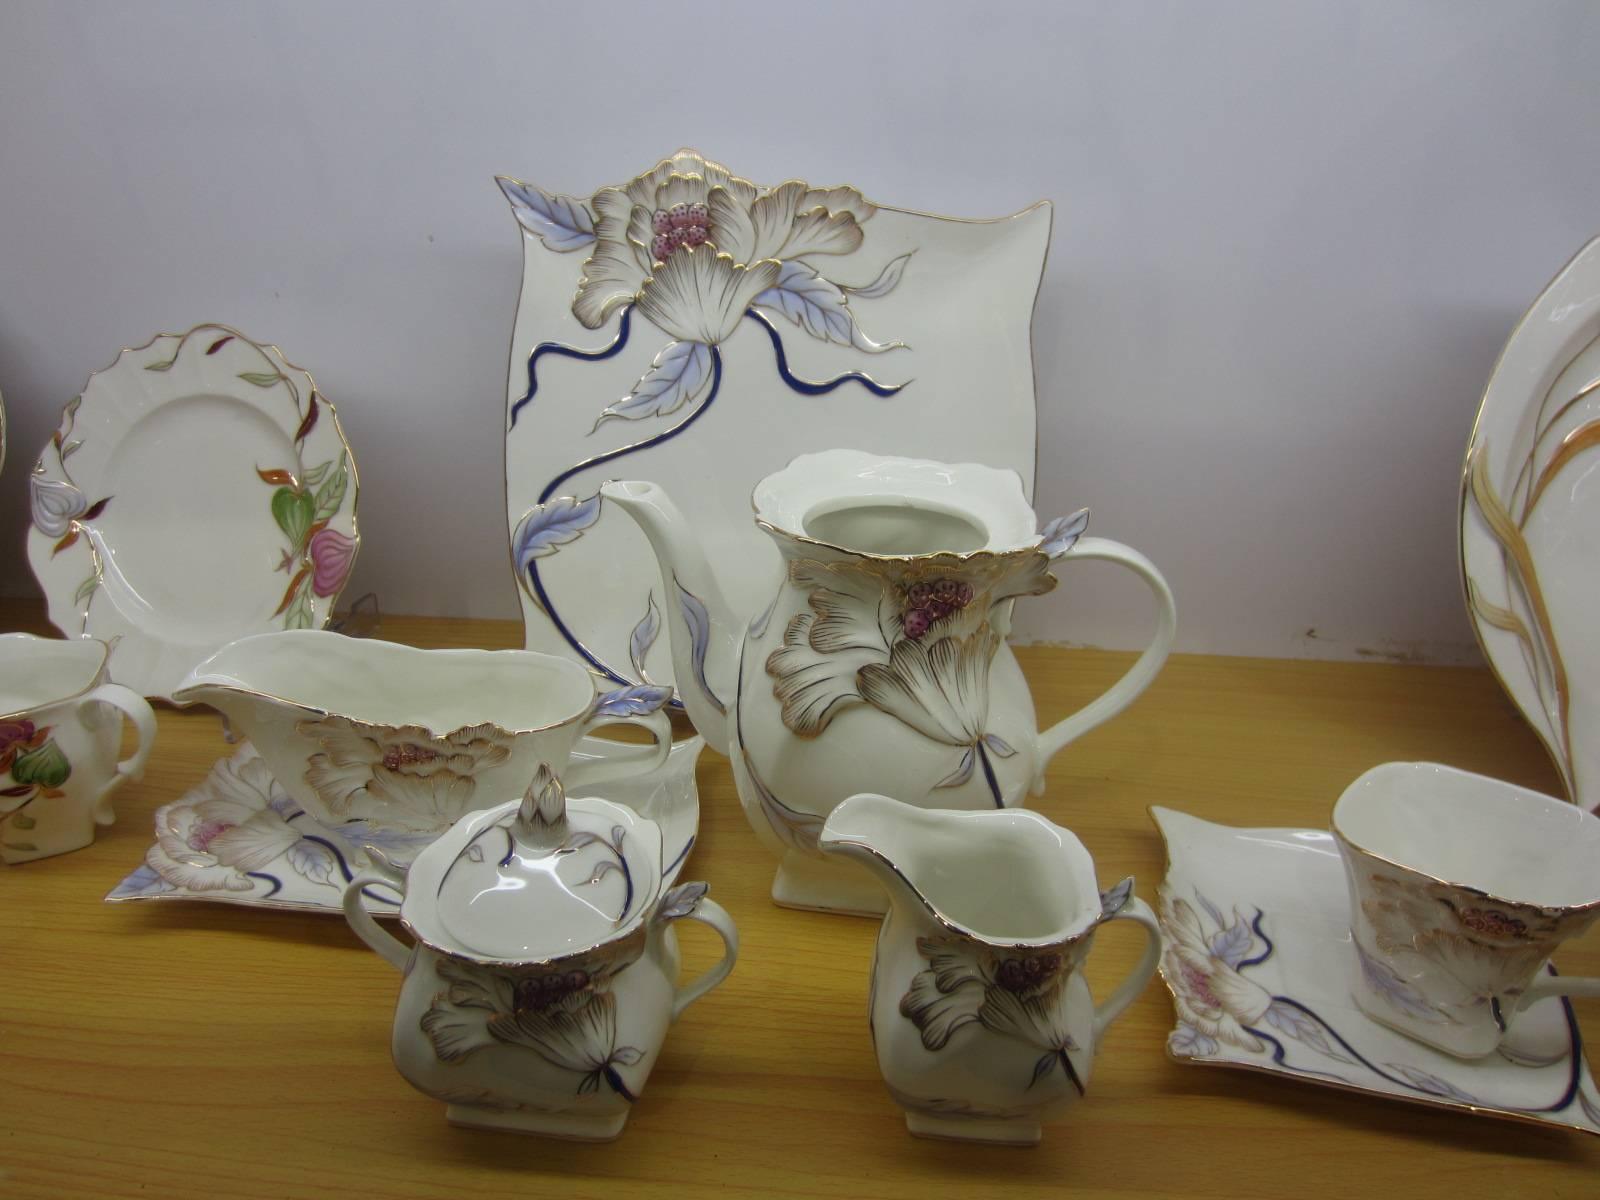 24pcs New Bone China Enamel Dinnerware Set, Includes Tea Pot, Tea Cup, Milk Pot/Jug, Plate and More